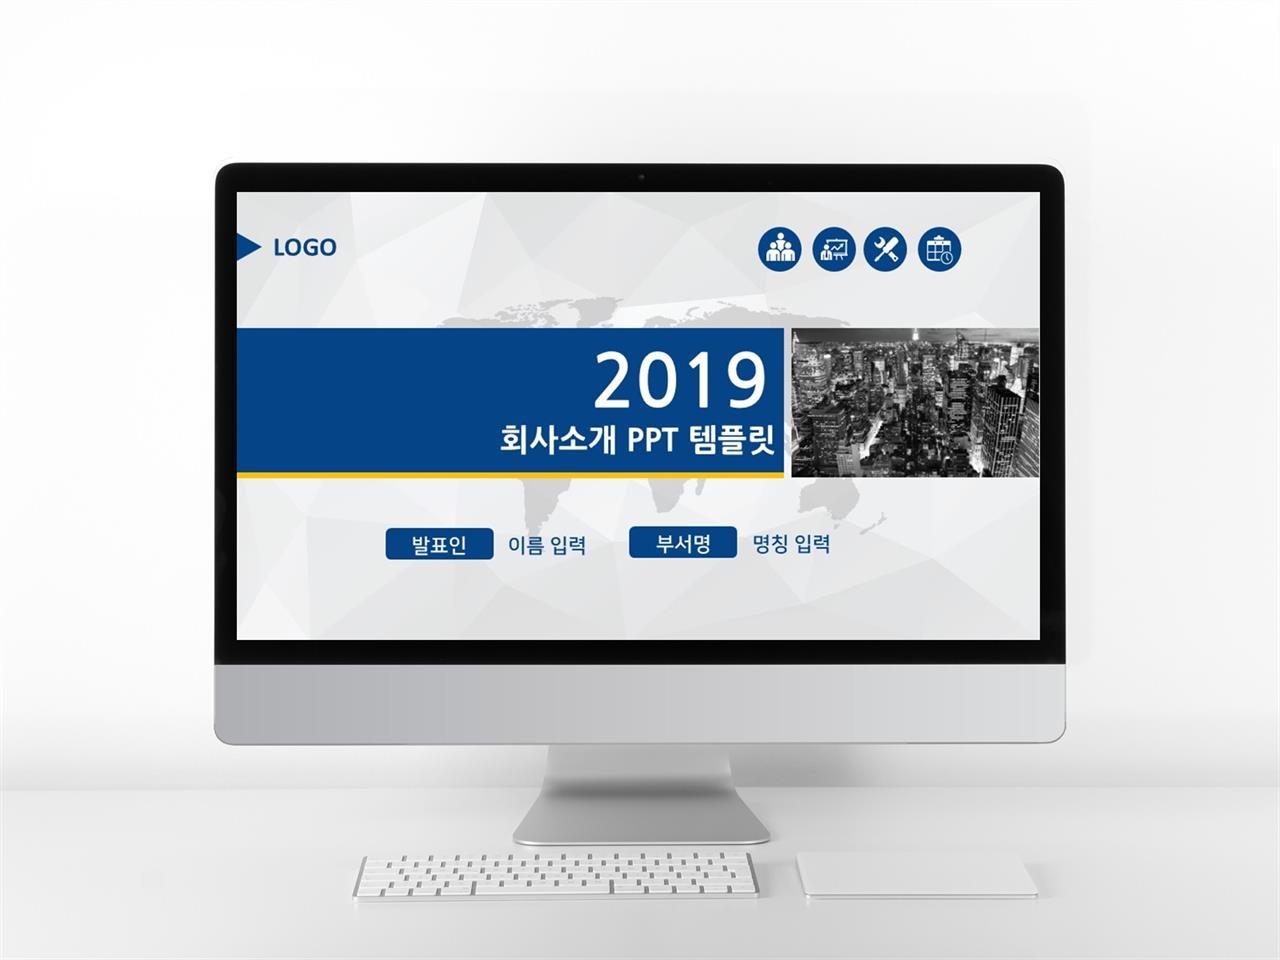 홍보마케팅 블루 폼나는 프로급 피피티배경 사이트 미리보기